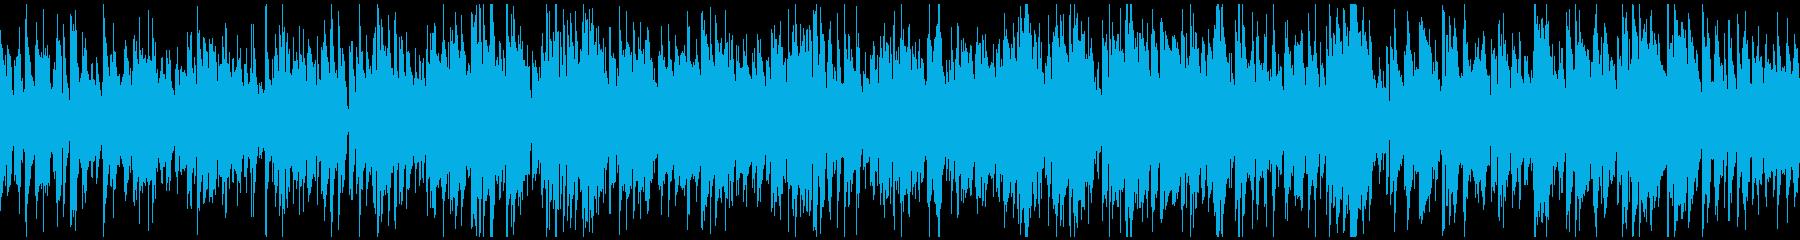 日常系ジャズ、大人の散歩 ※ループ仕様版の再生済みの波形